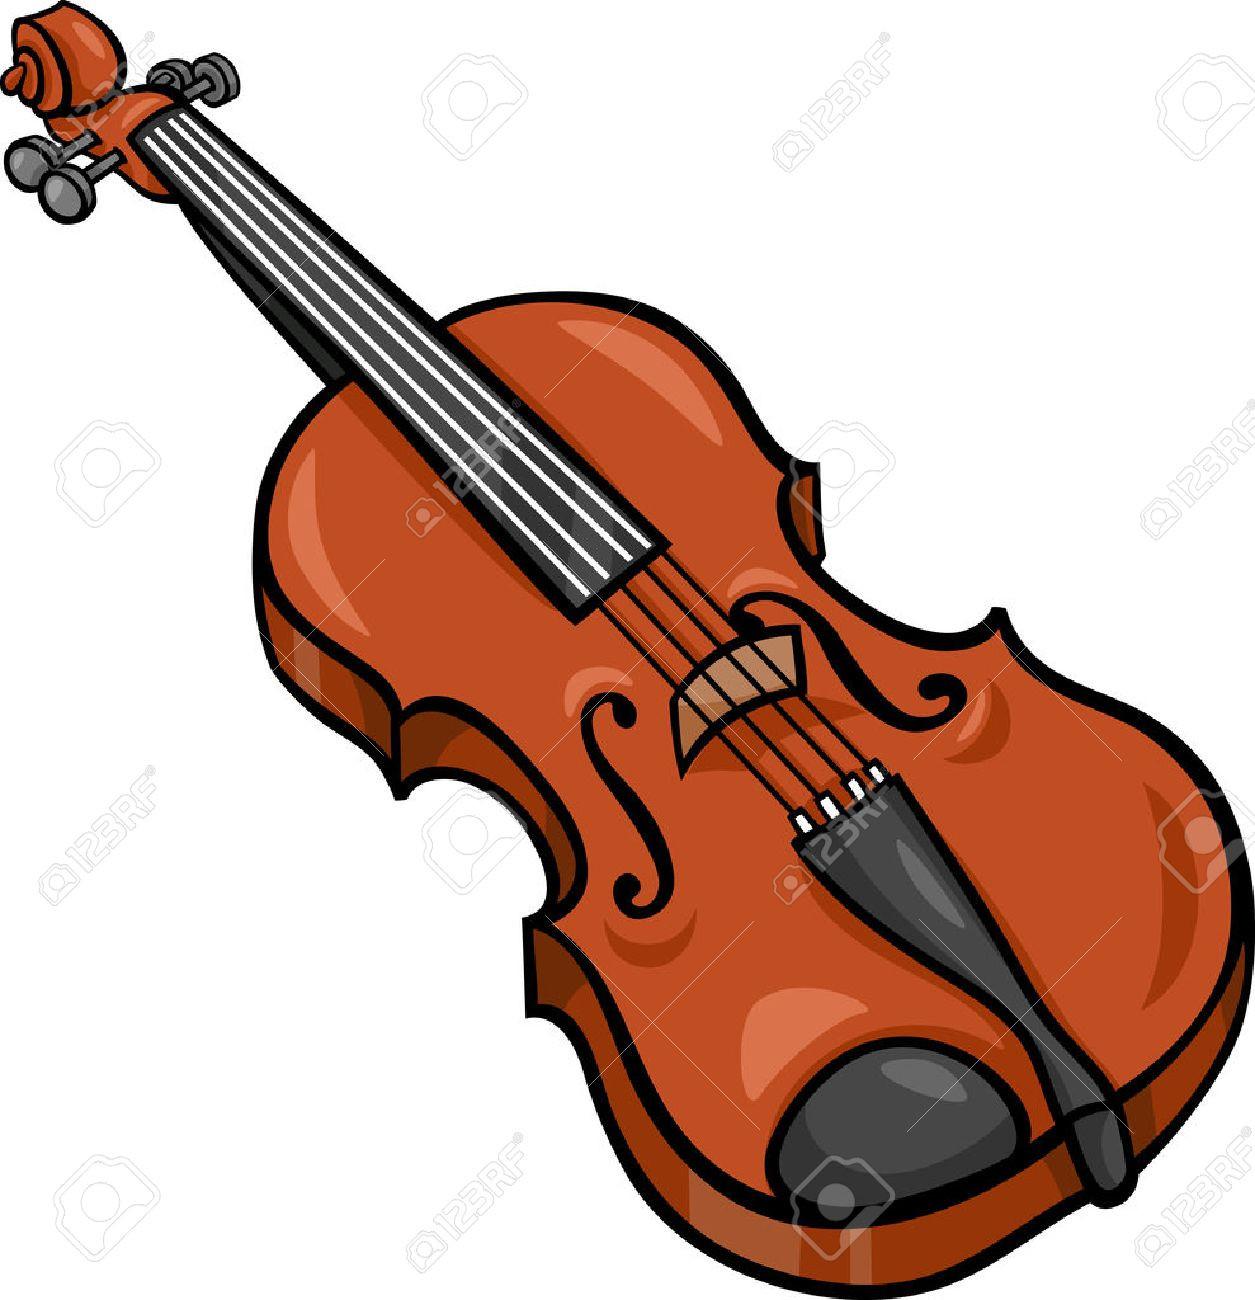 1255x1300 Violin Clip Art Black And White Elegant Cello Line Art Free Clip